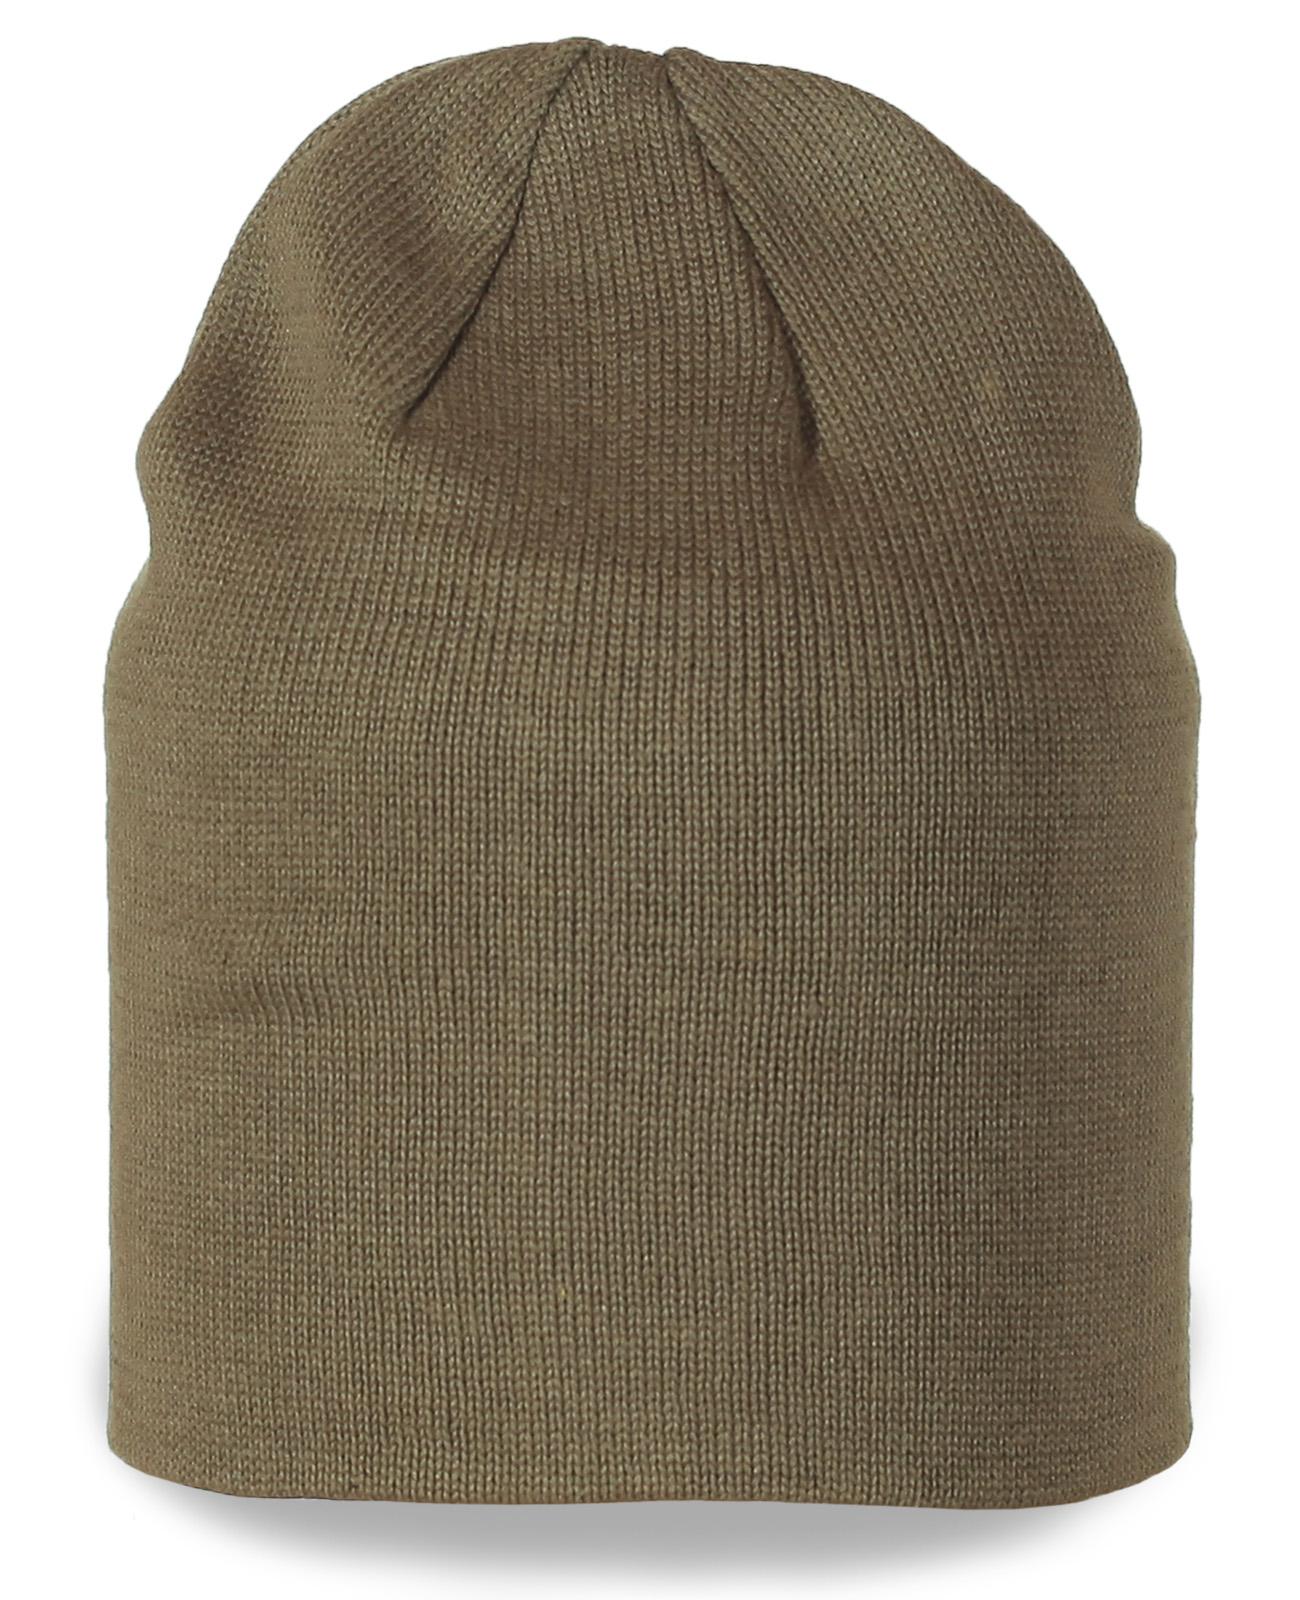 Однотонная шапка цвета хаки